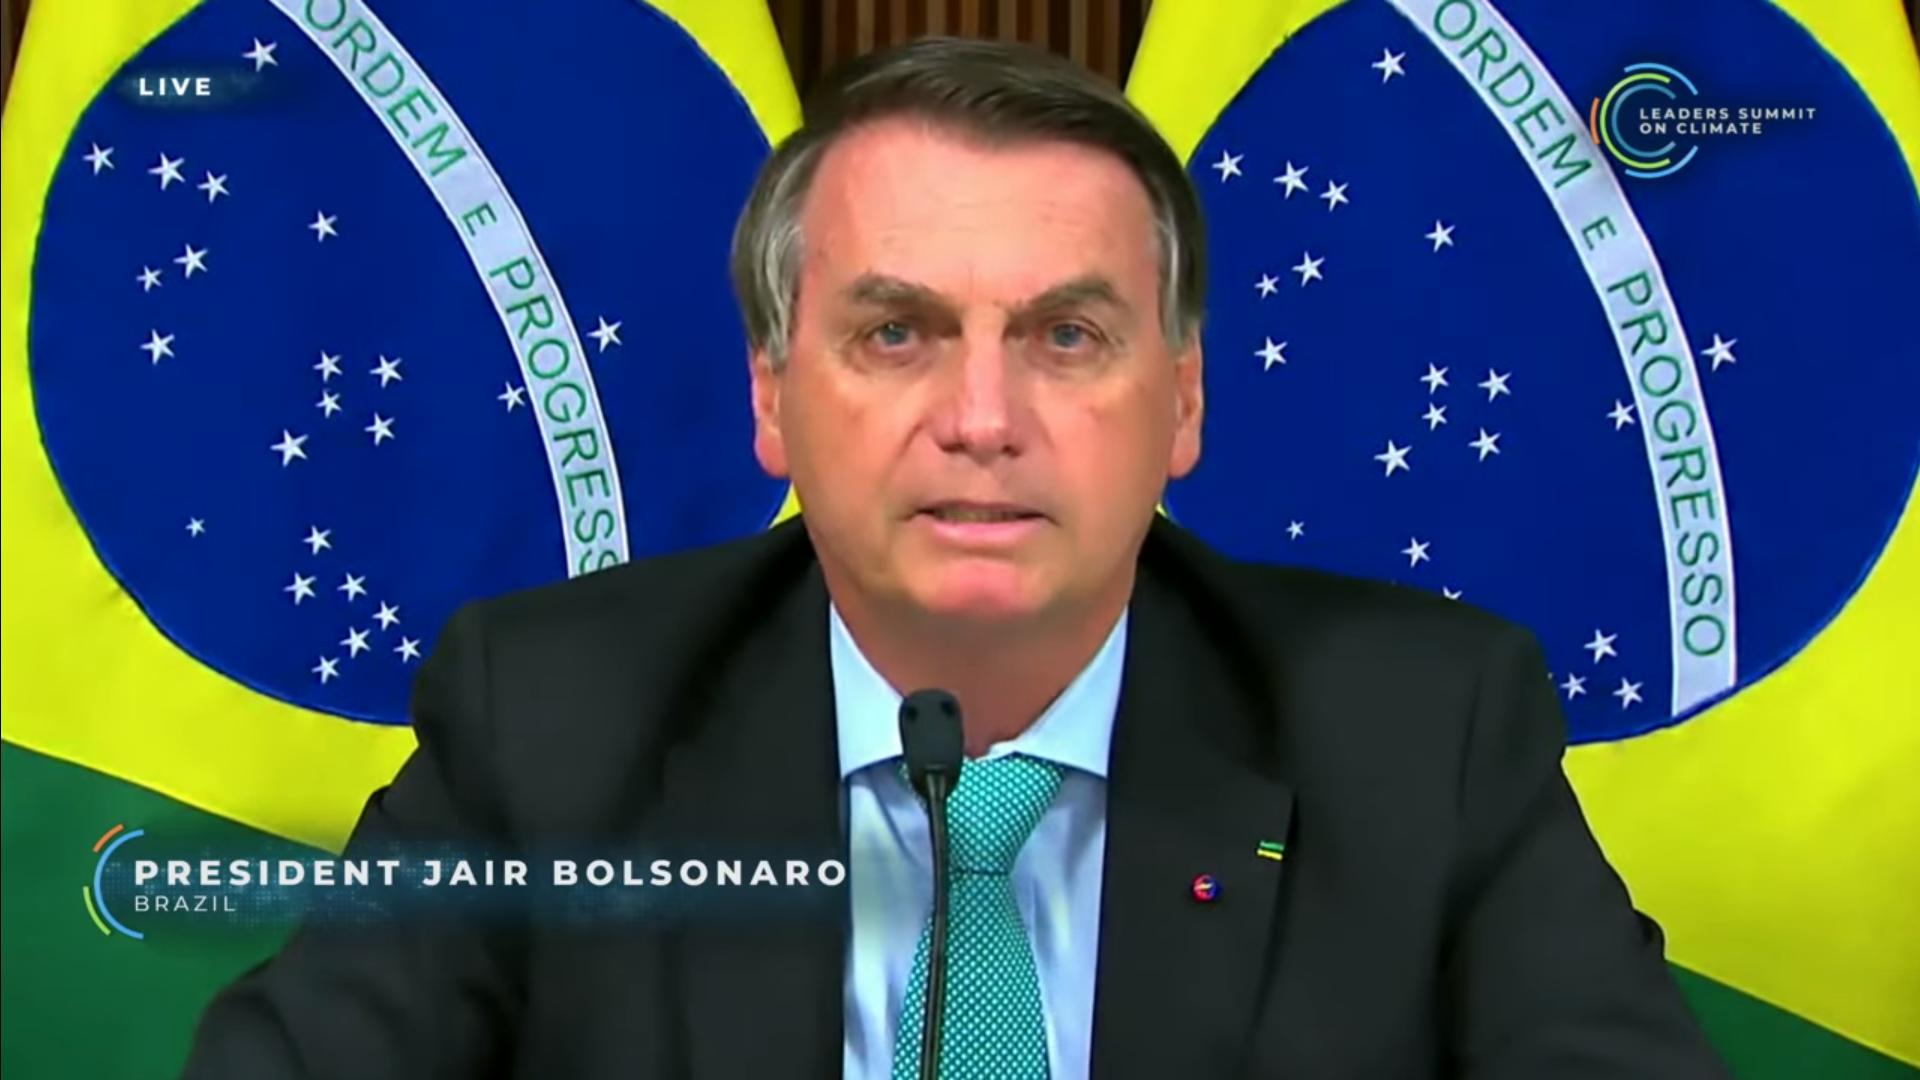 IMAGEM: Bolsonaro antecipa meta de zerar emissões até 2050, mas não resolve 'pedalada do carbono'